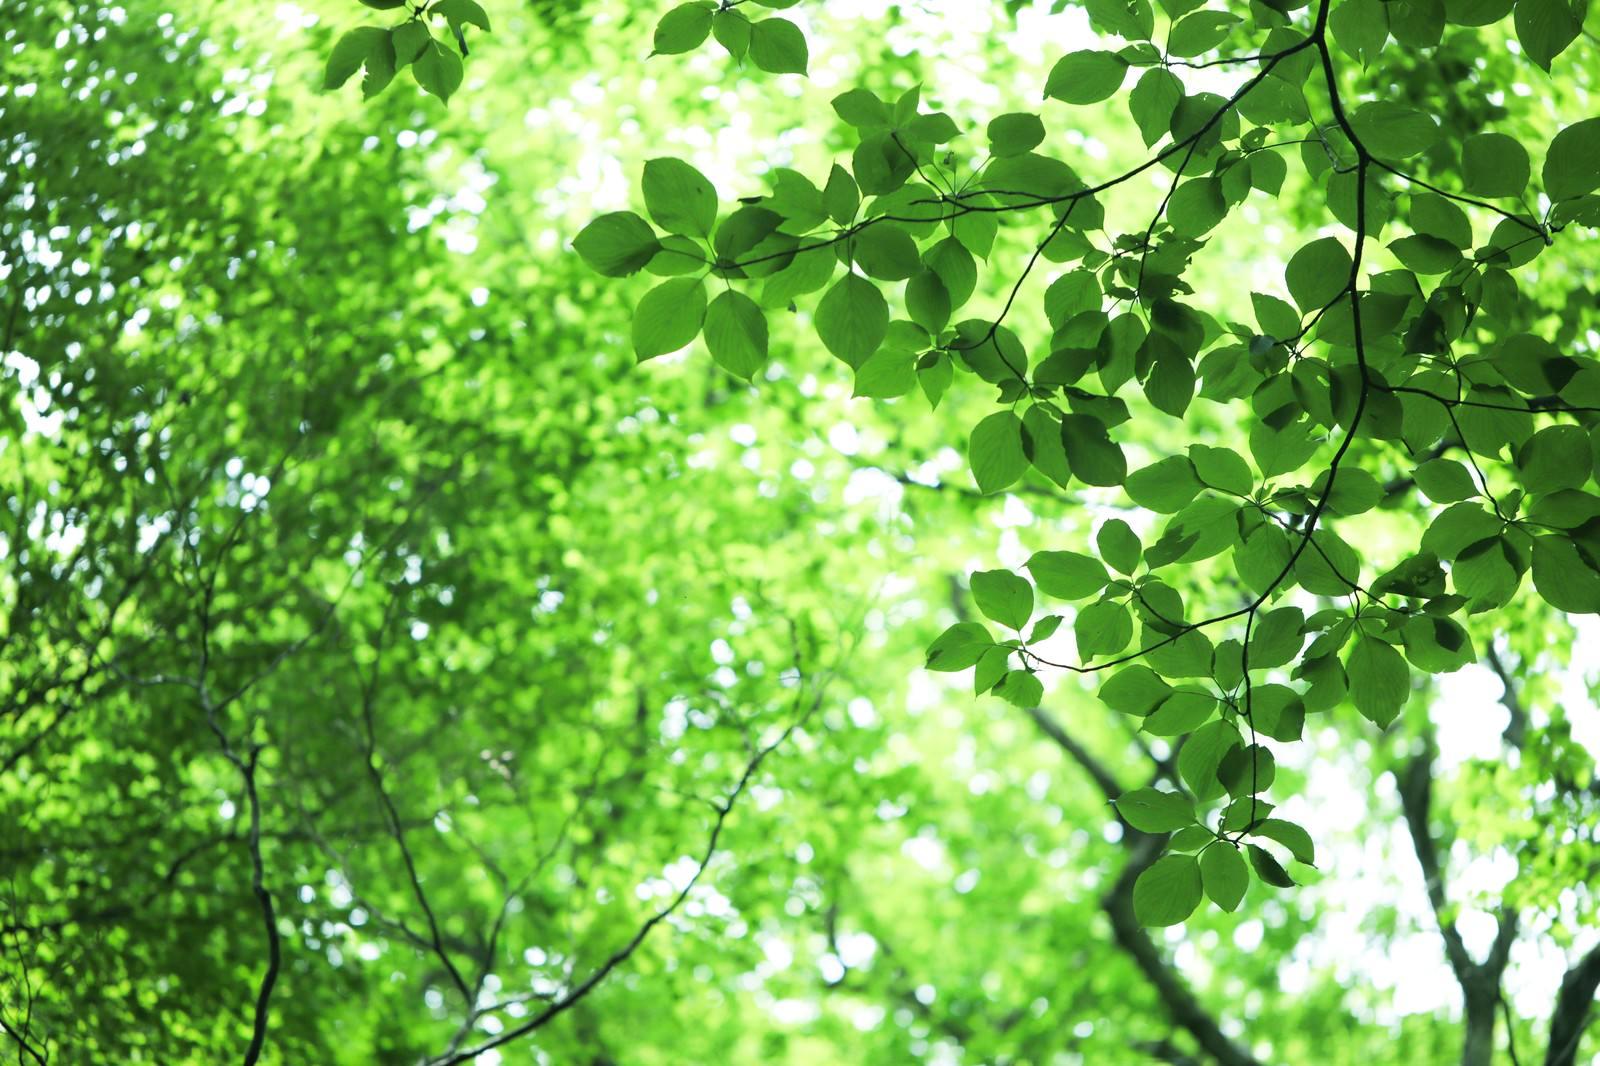 「新緑と木漏れ日」の写真